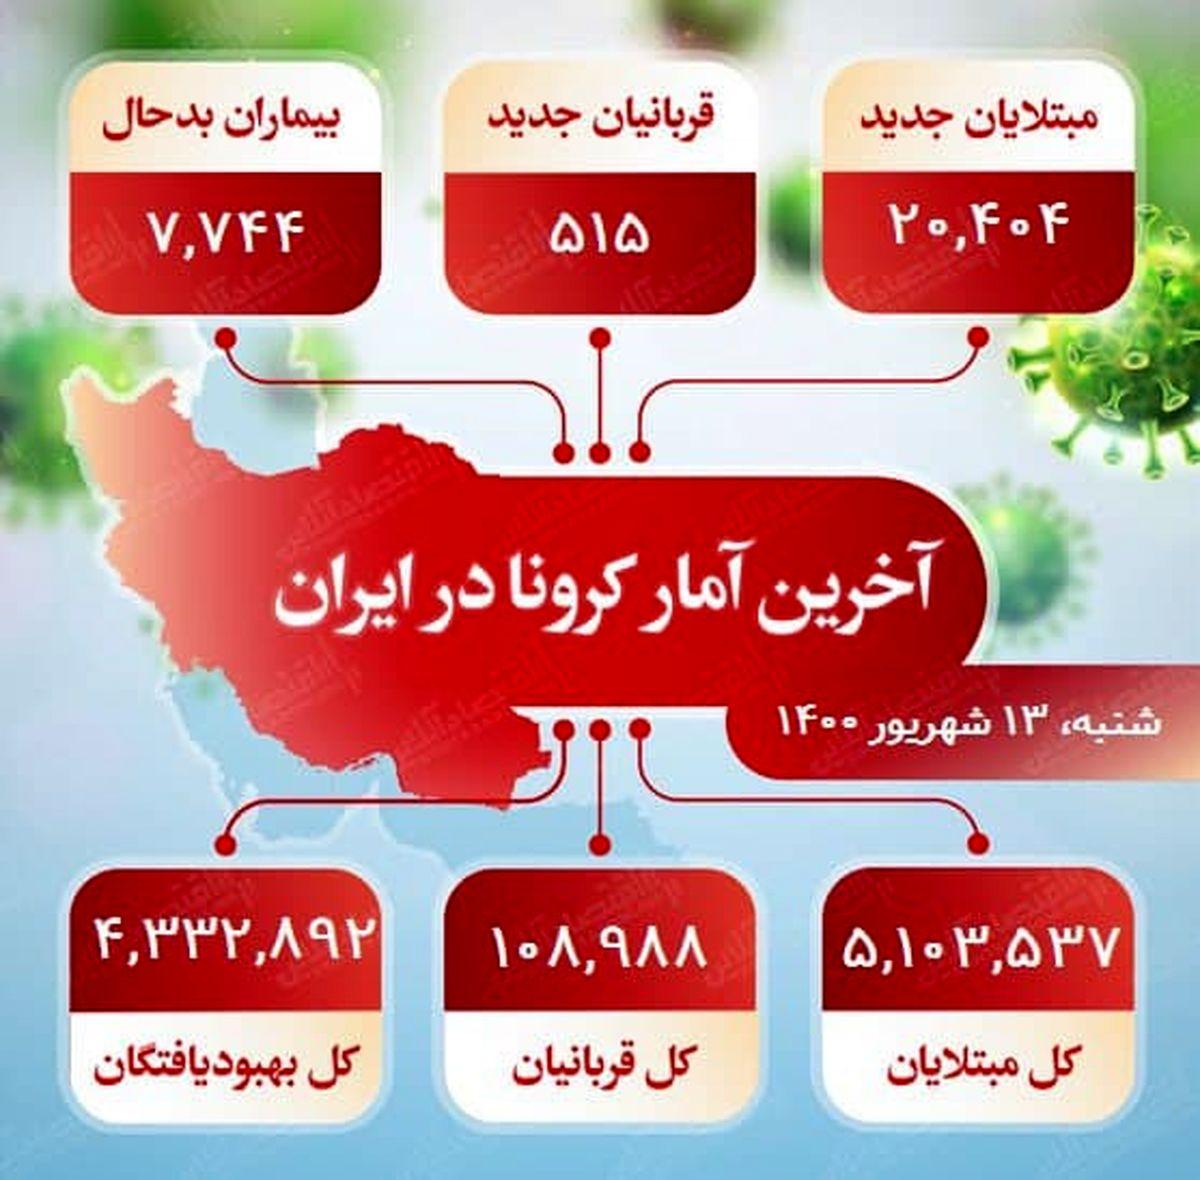 آخرین آمار کرونا در ایران (۱۴۰۰/۶/۱۳)